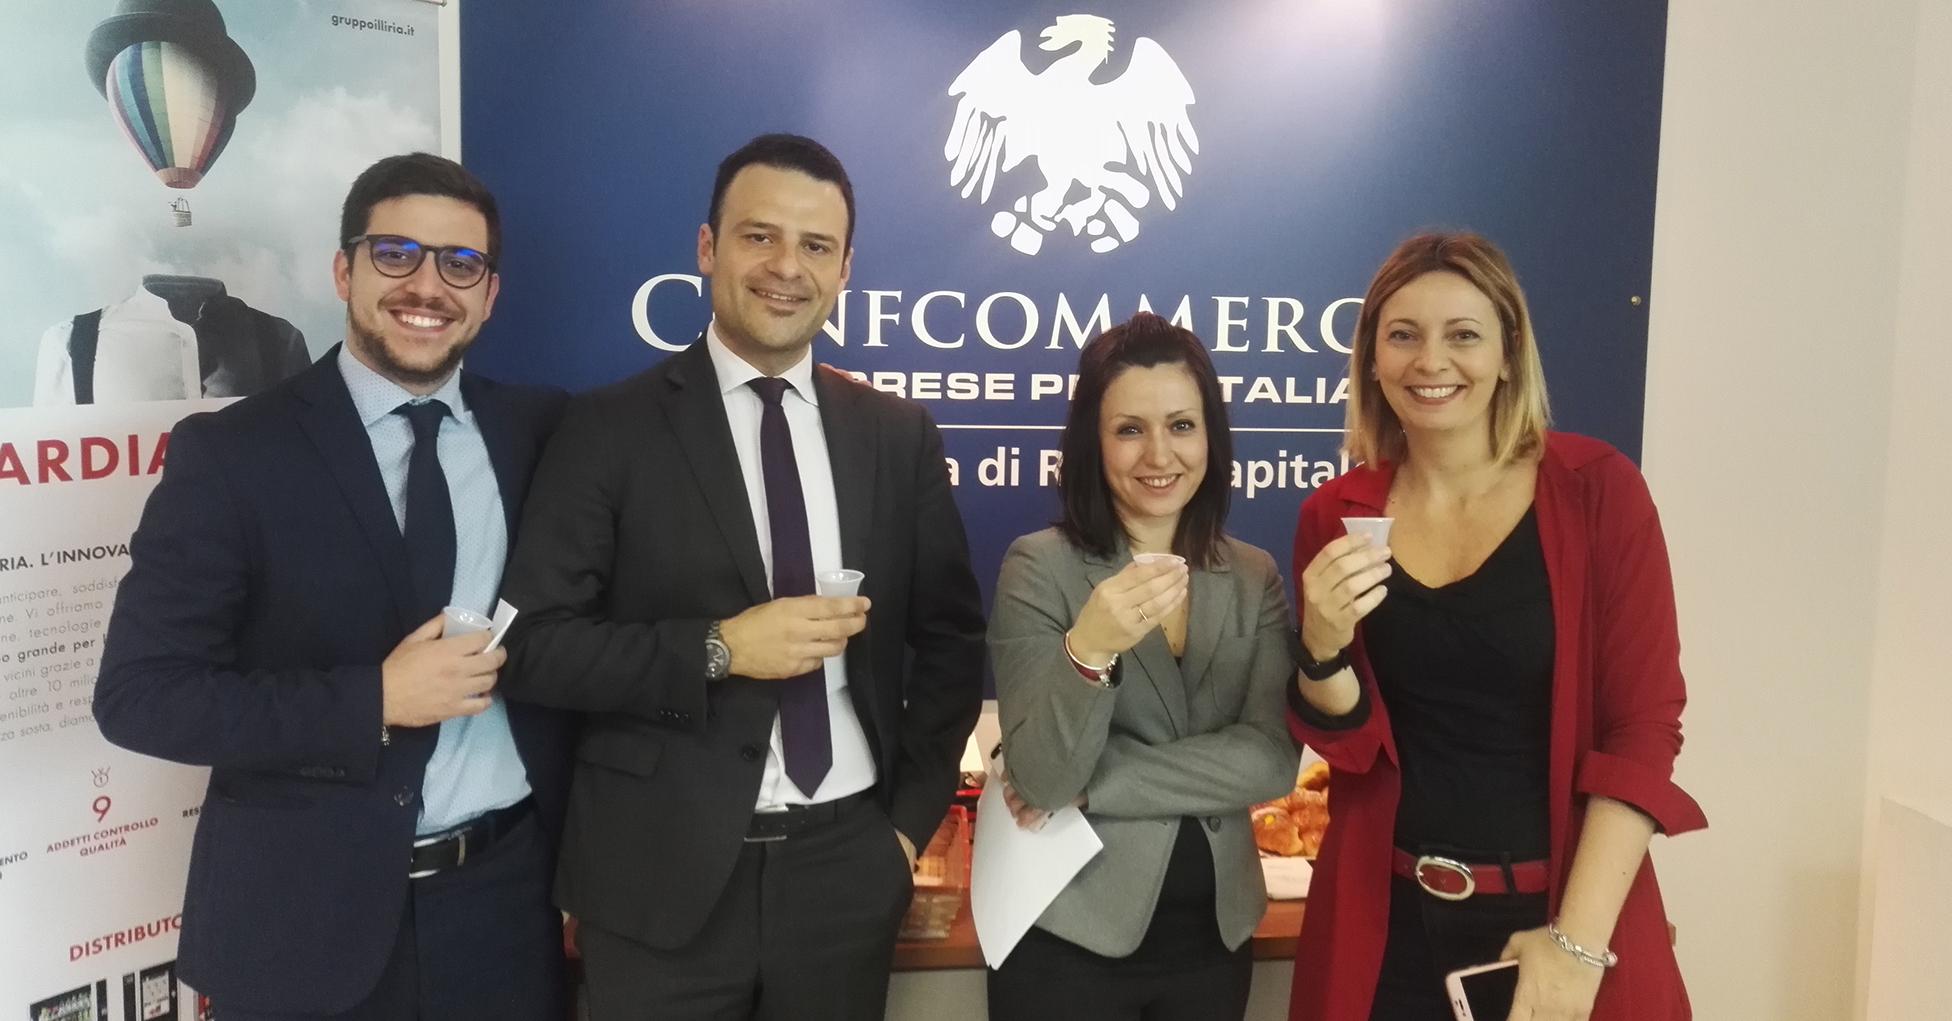 #MELOMERITO un caffè! In Confcommercio Roma arriva Employerland per la ricerca e selezione del personale